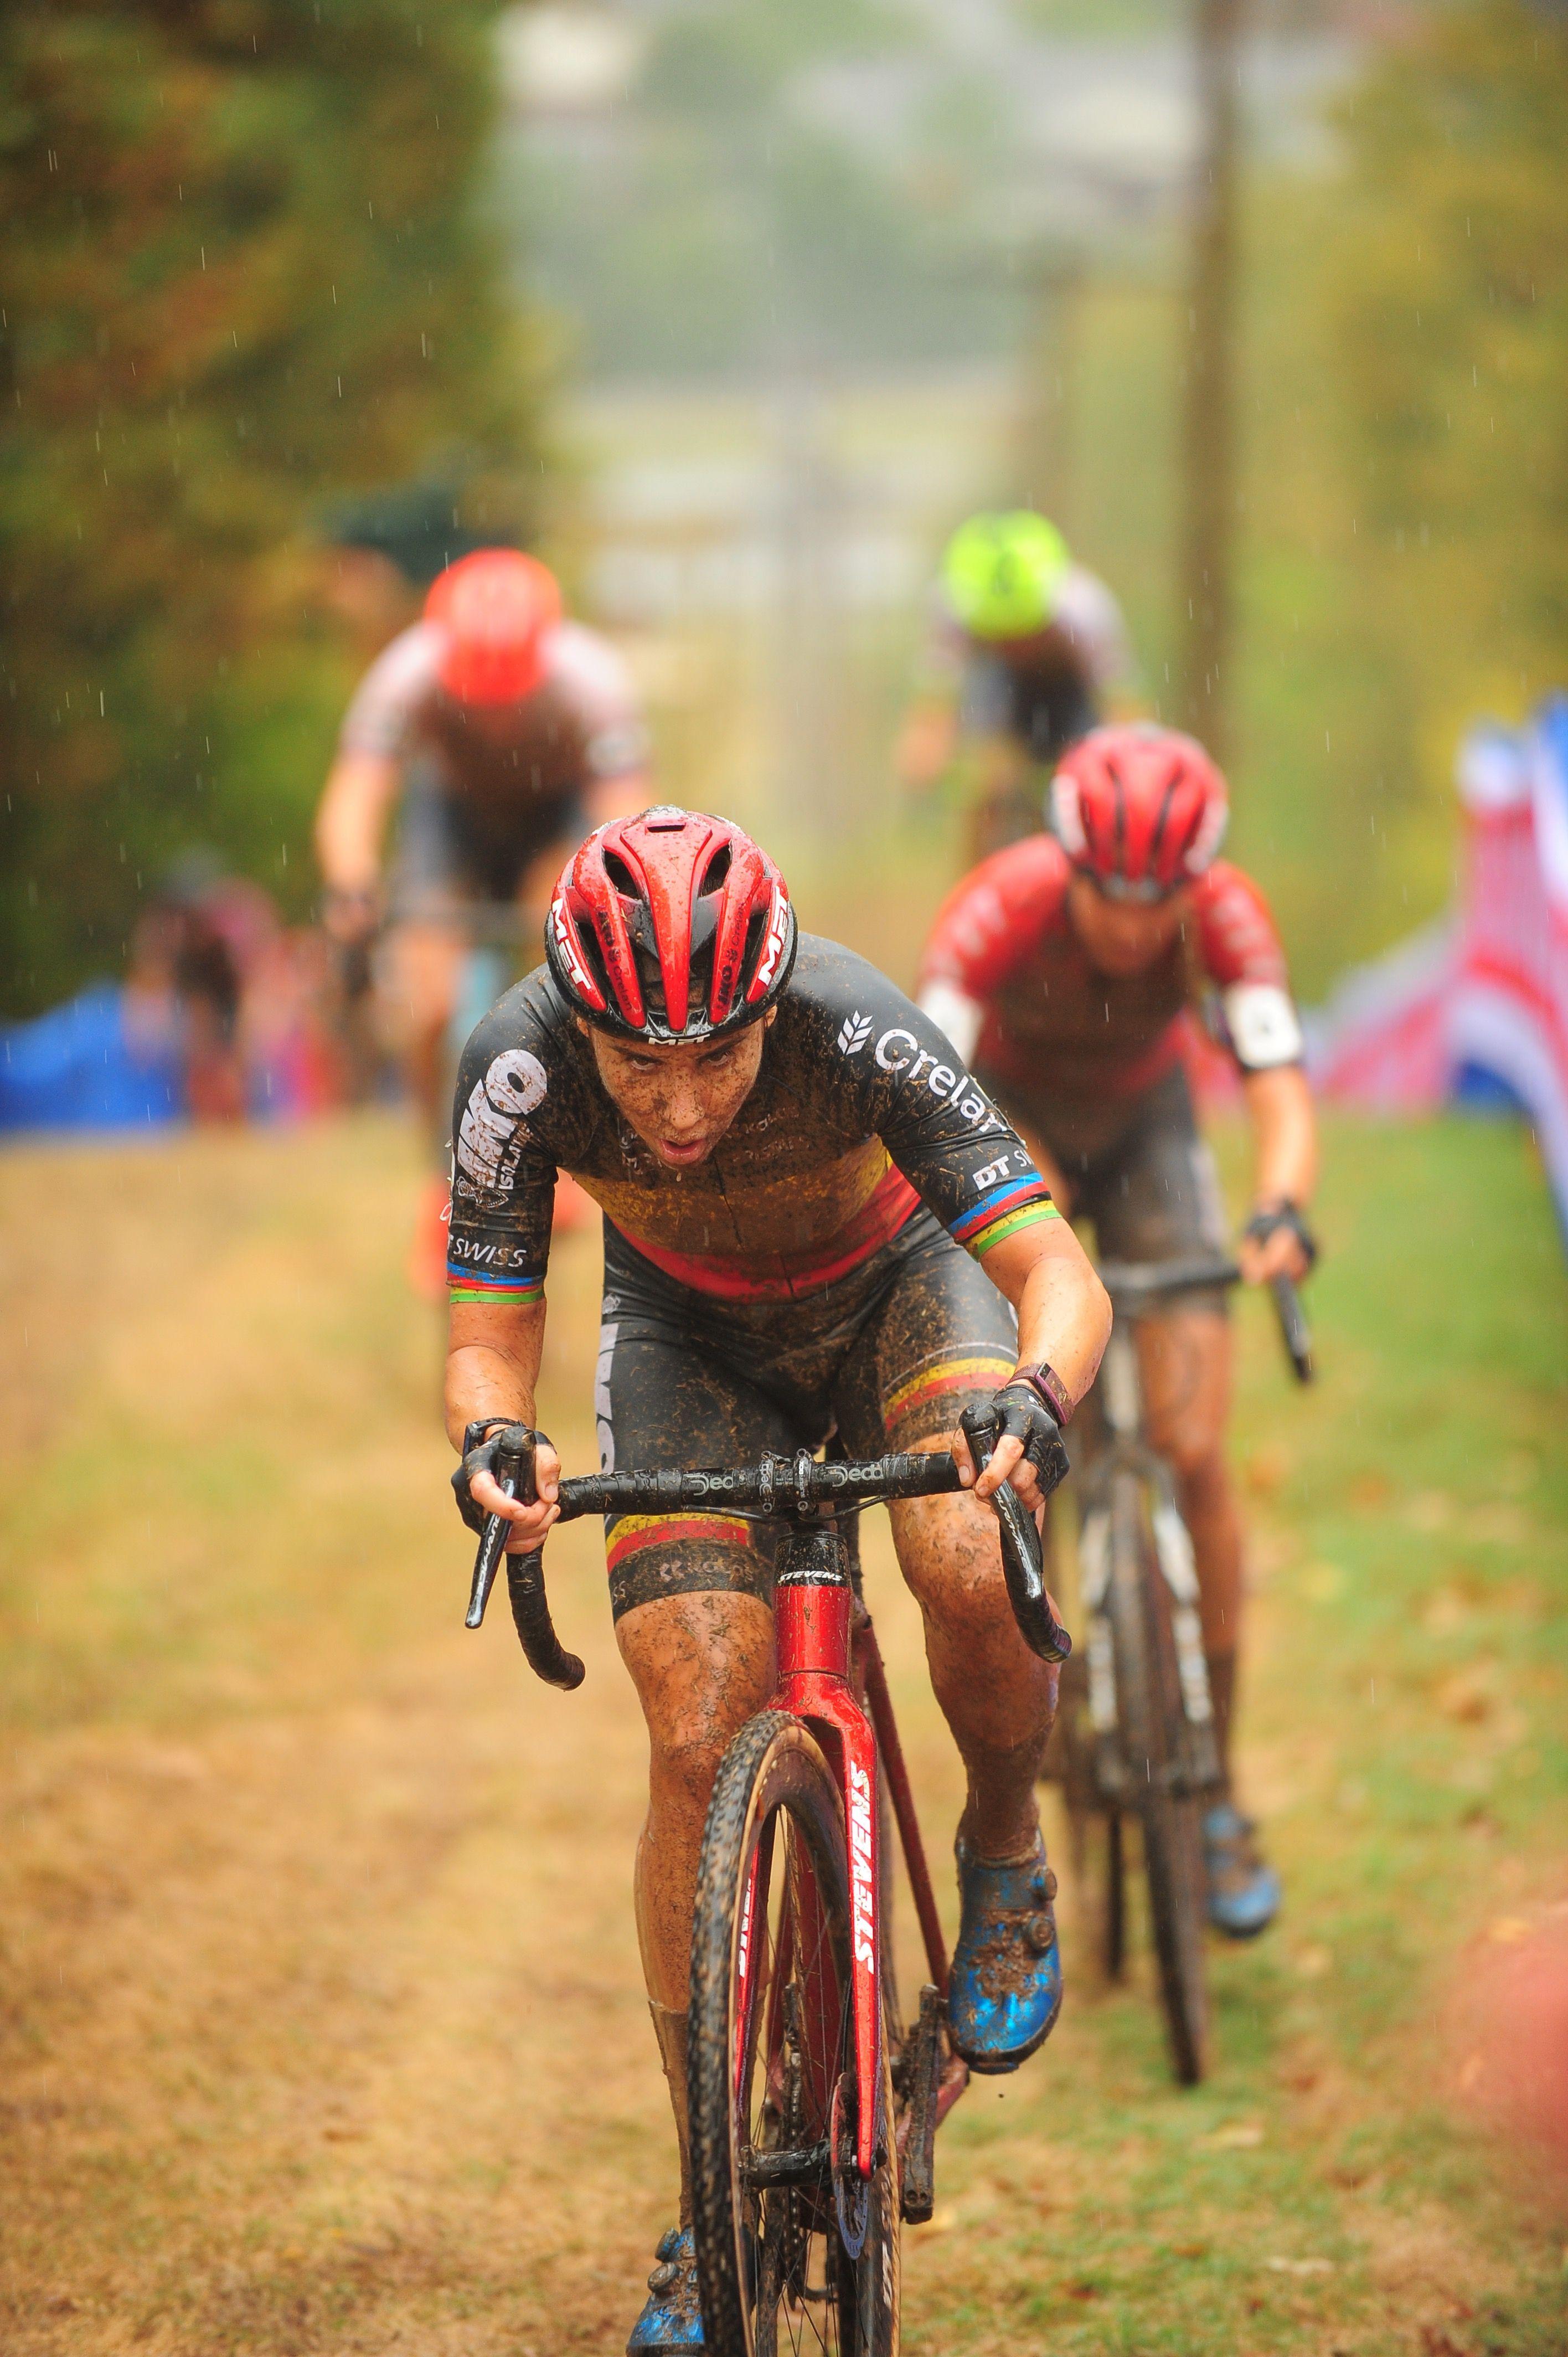 Photo of a muddy woman climbing a hill on a bike.